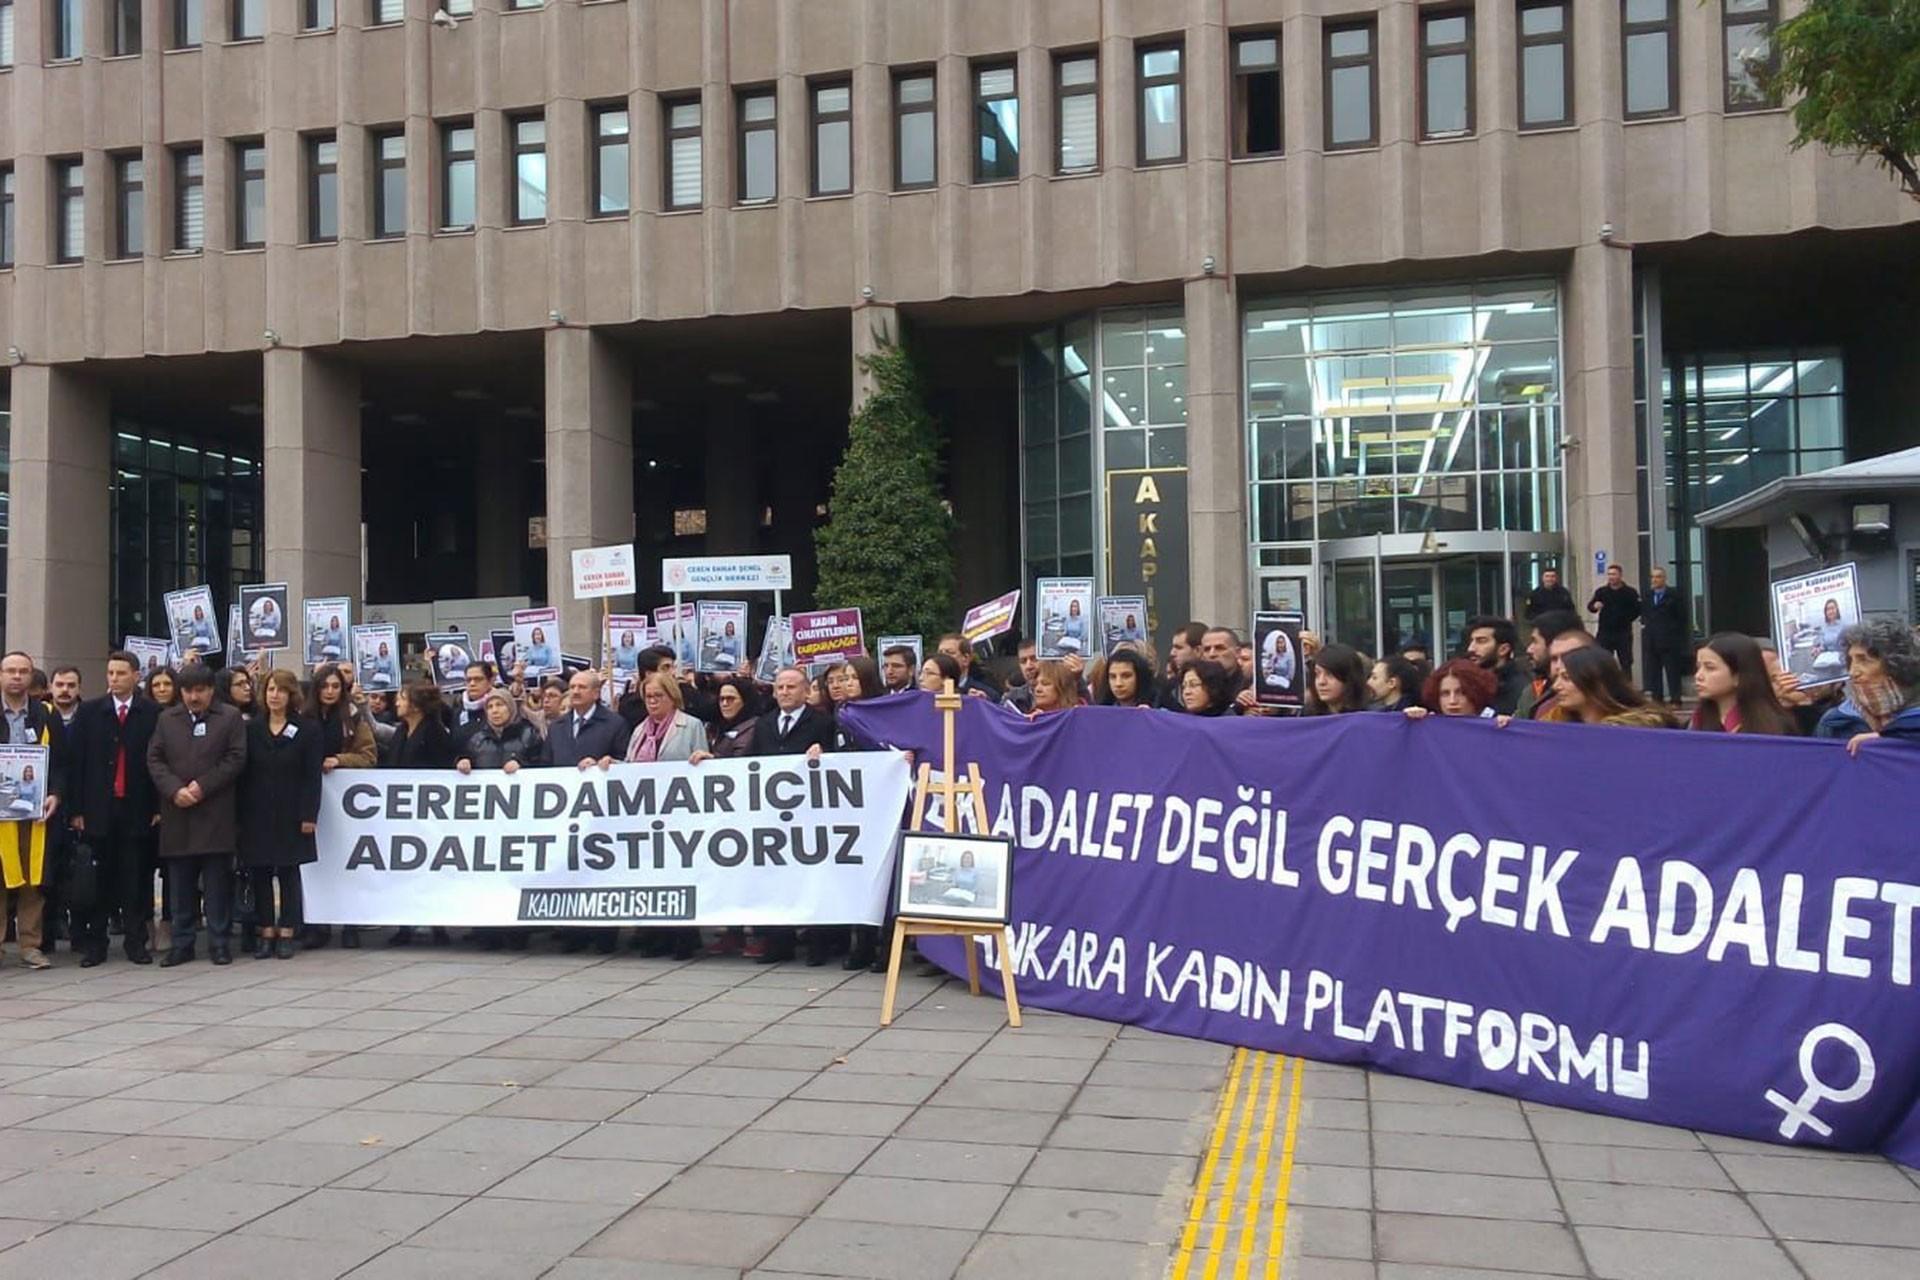 Ceren Damar cinayeti davasının ikinci duruşması öncesi adliye önünde yapılan açıklama